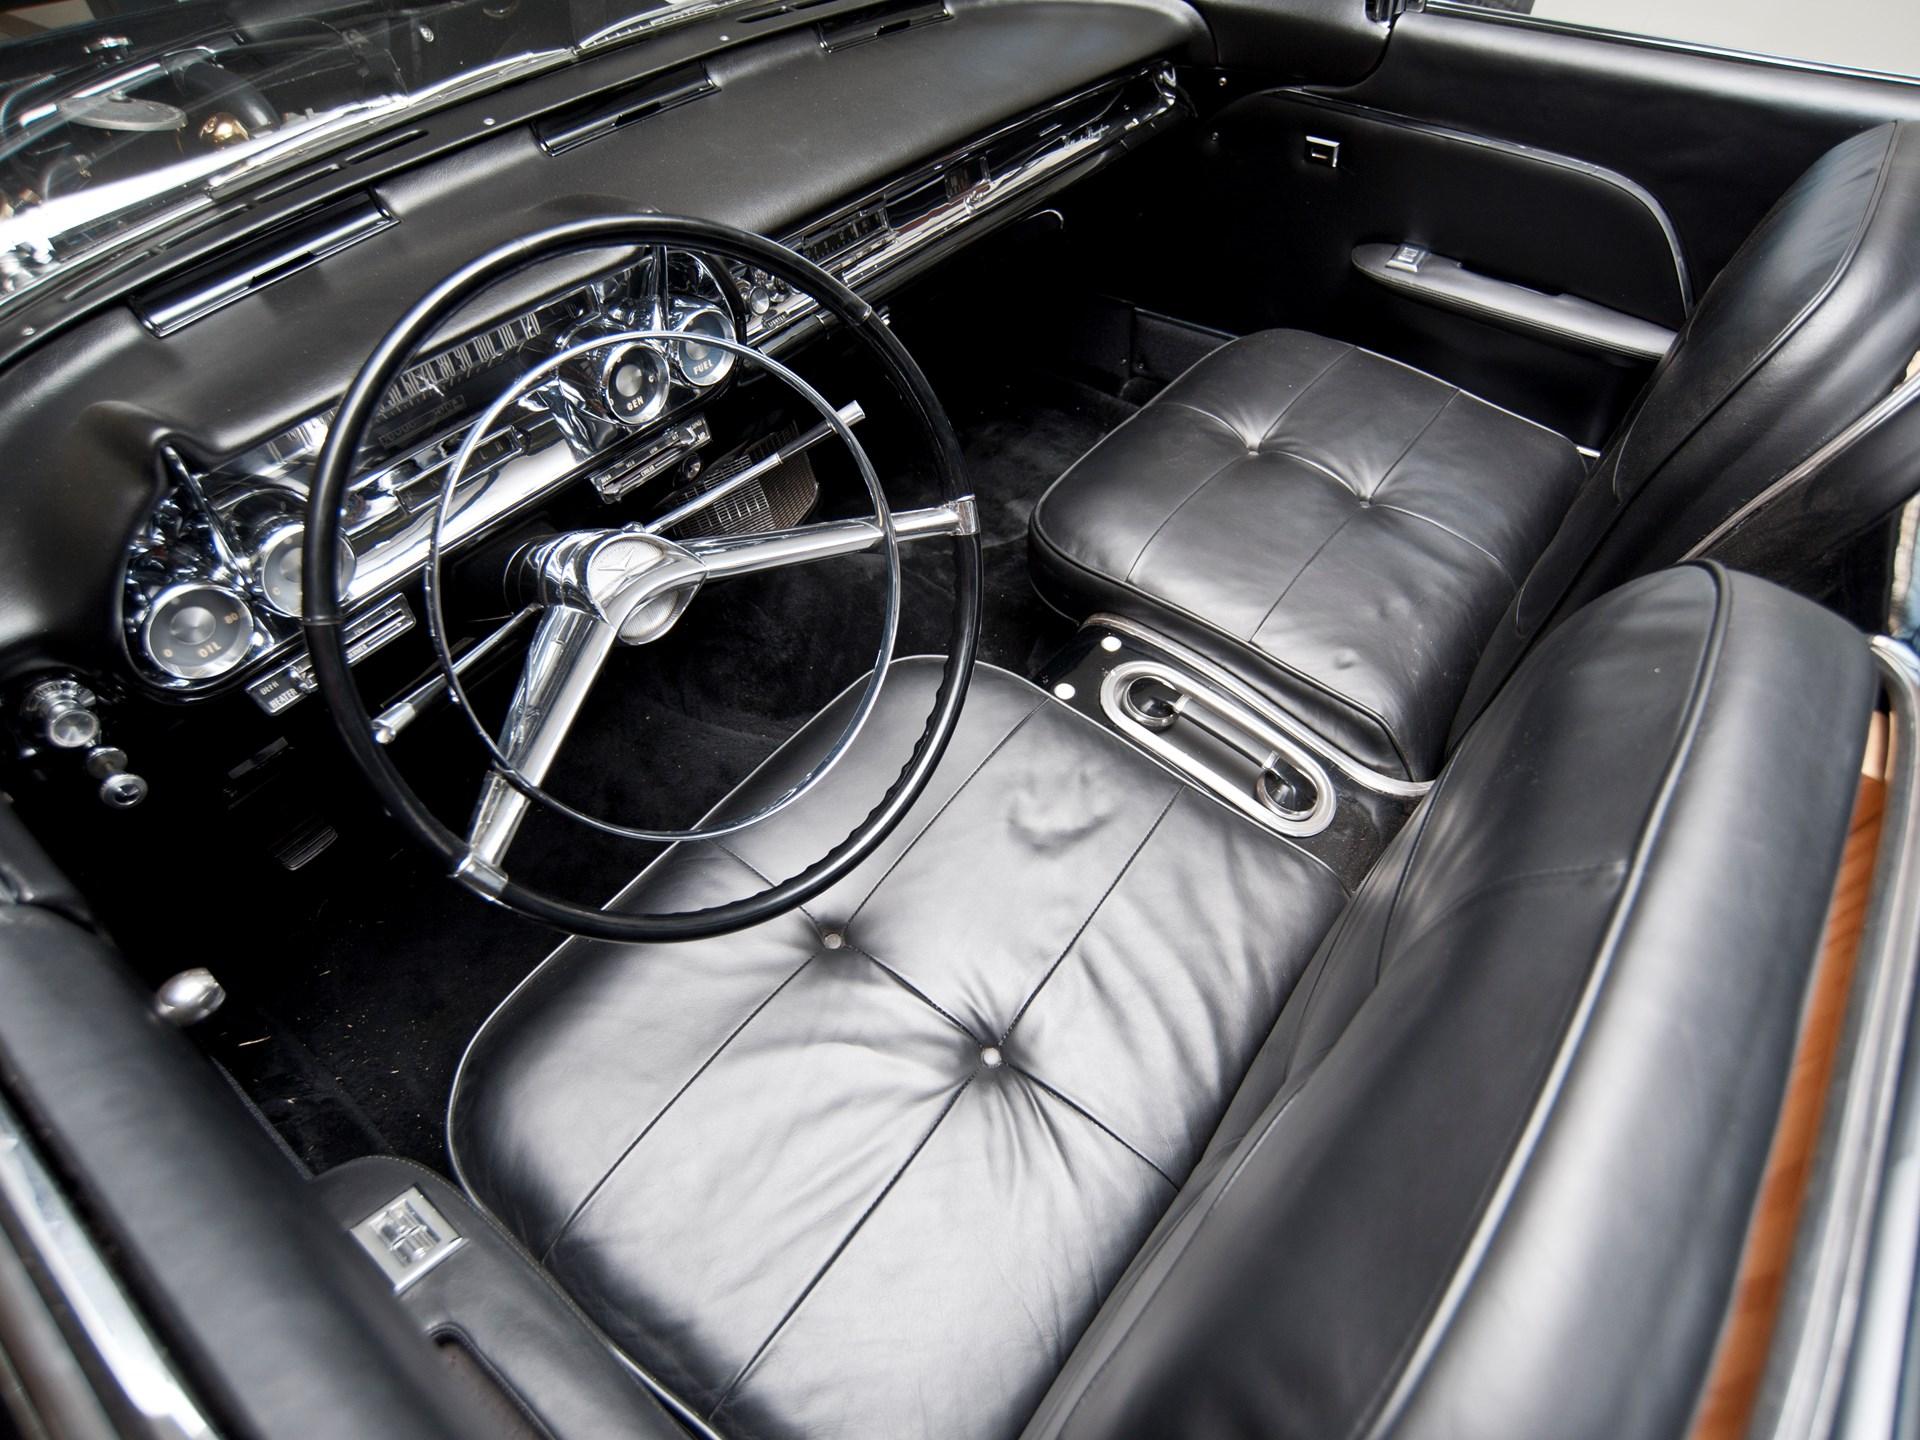 Town Car Concept 1941 Lincoln Continental Iowa Rm Sotheby S 1956 Cadillac Eldorado Brougham